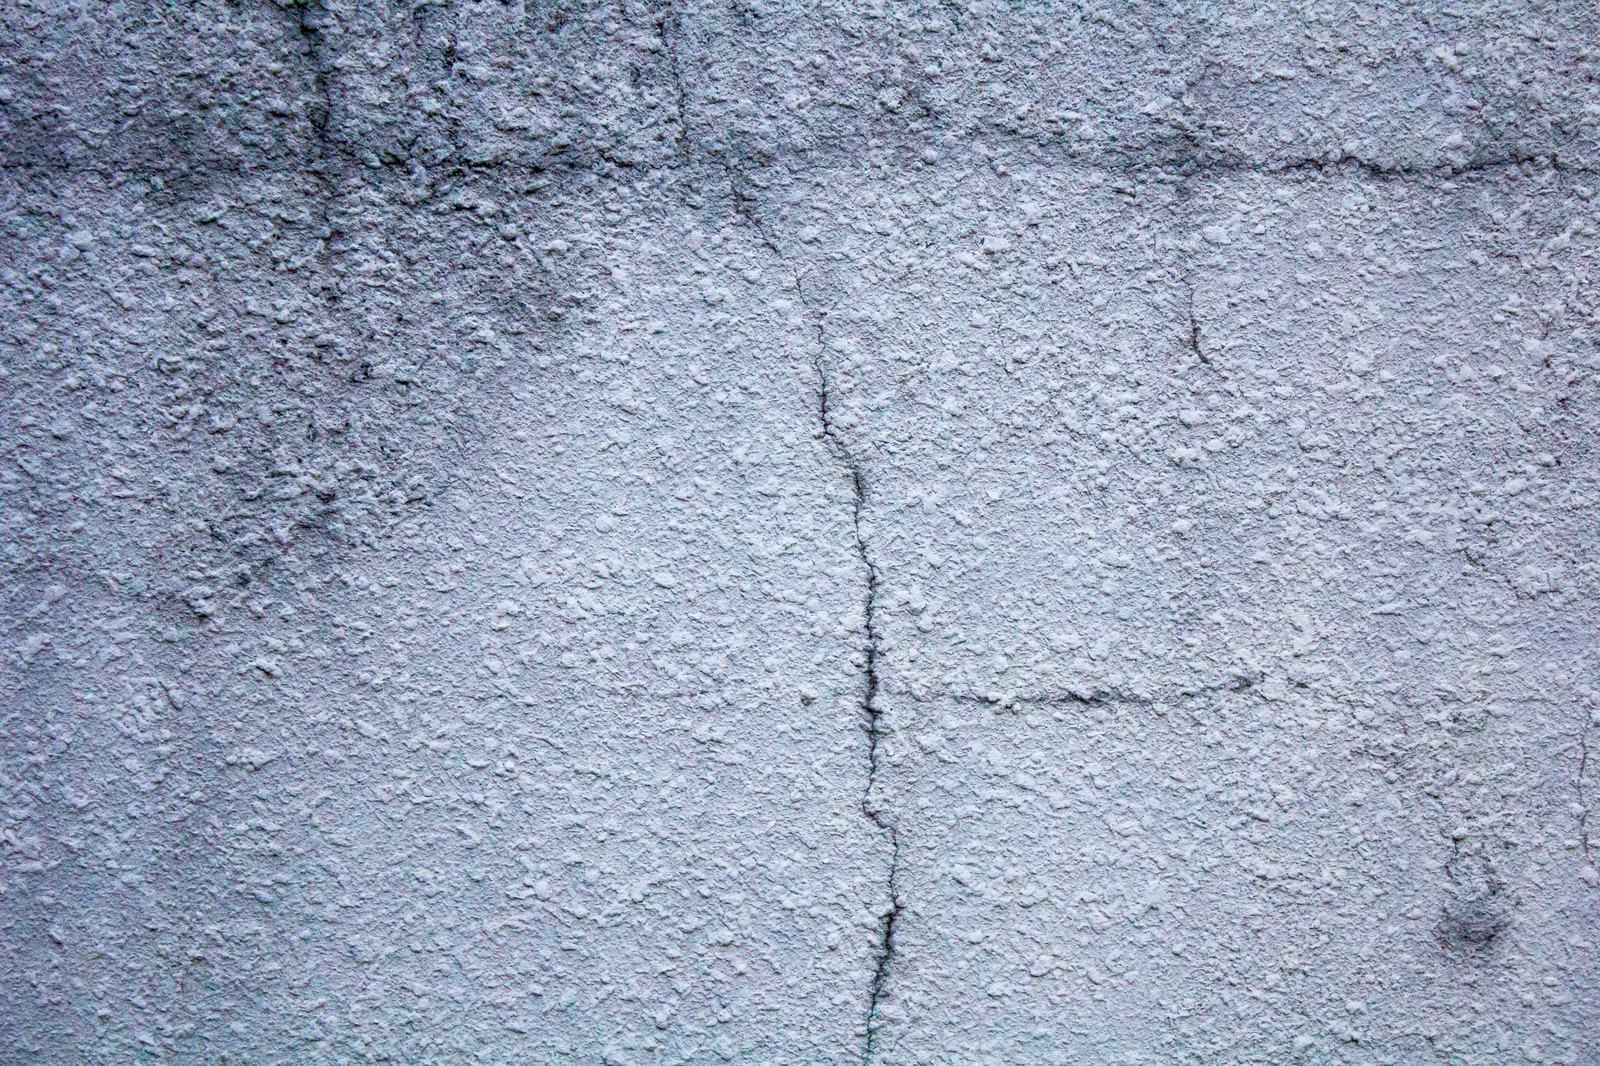 「ひび割れたコンクリートの壁」の写真